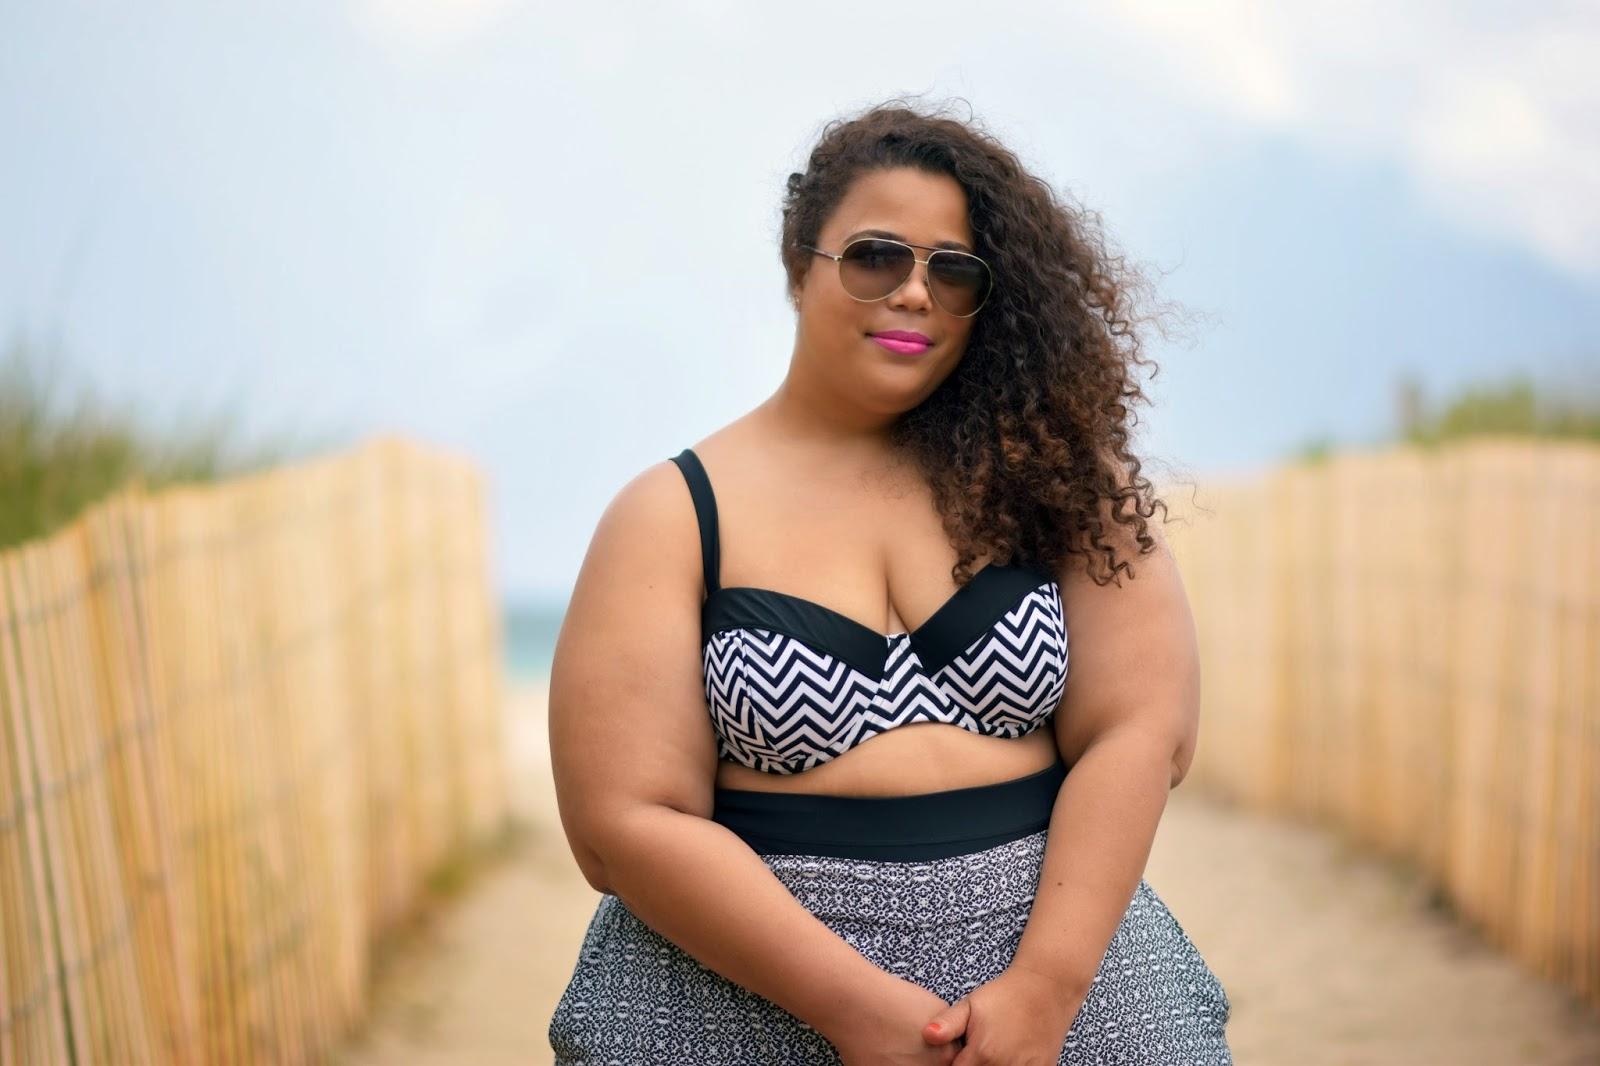 Plus Size bikini, fatkini, ava and viv